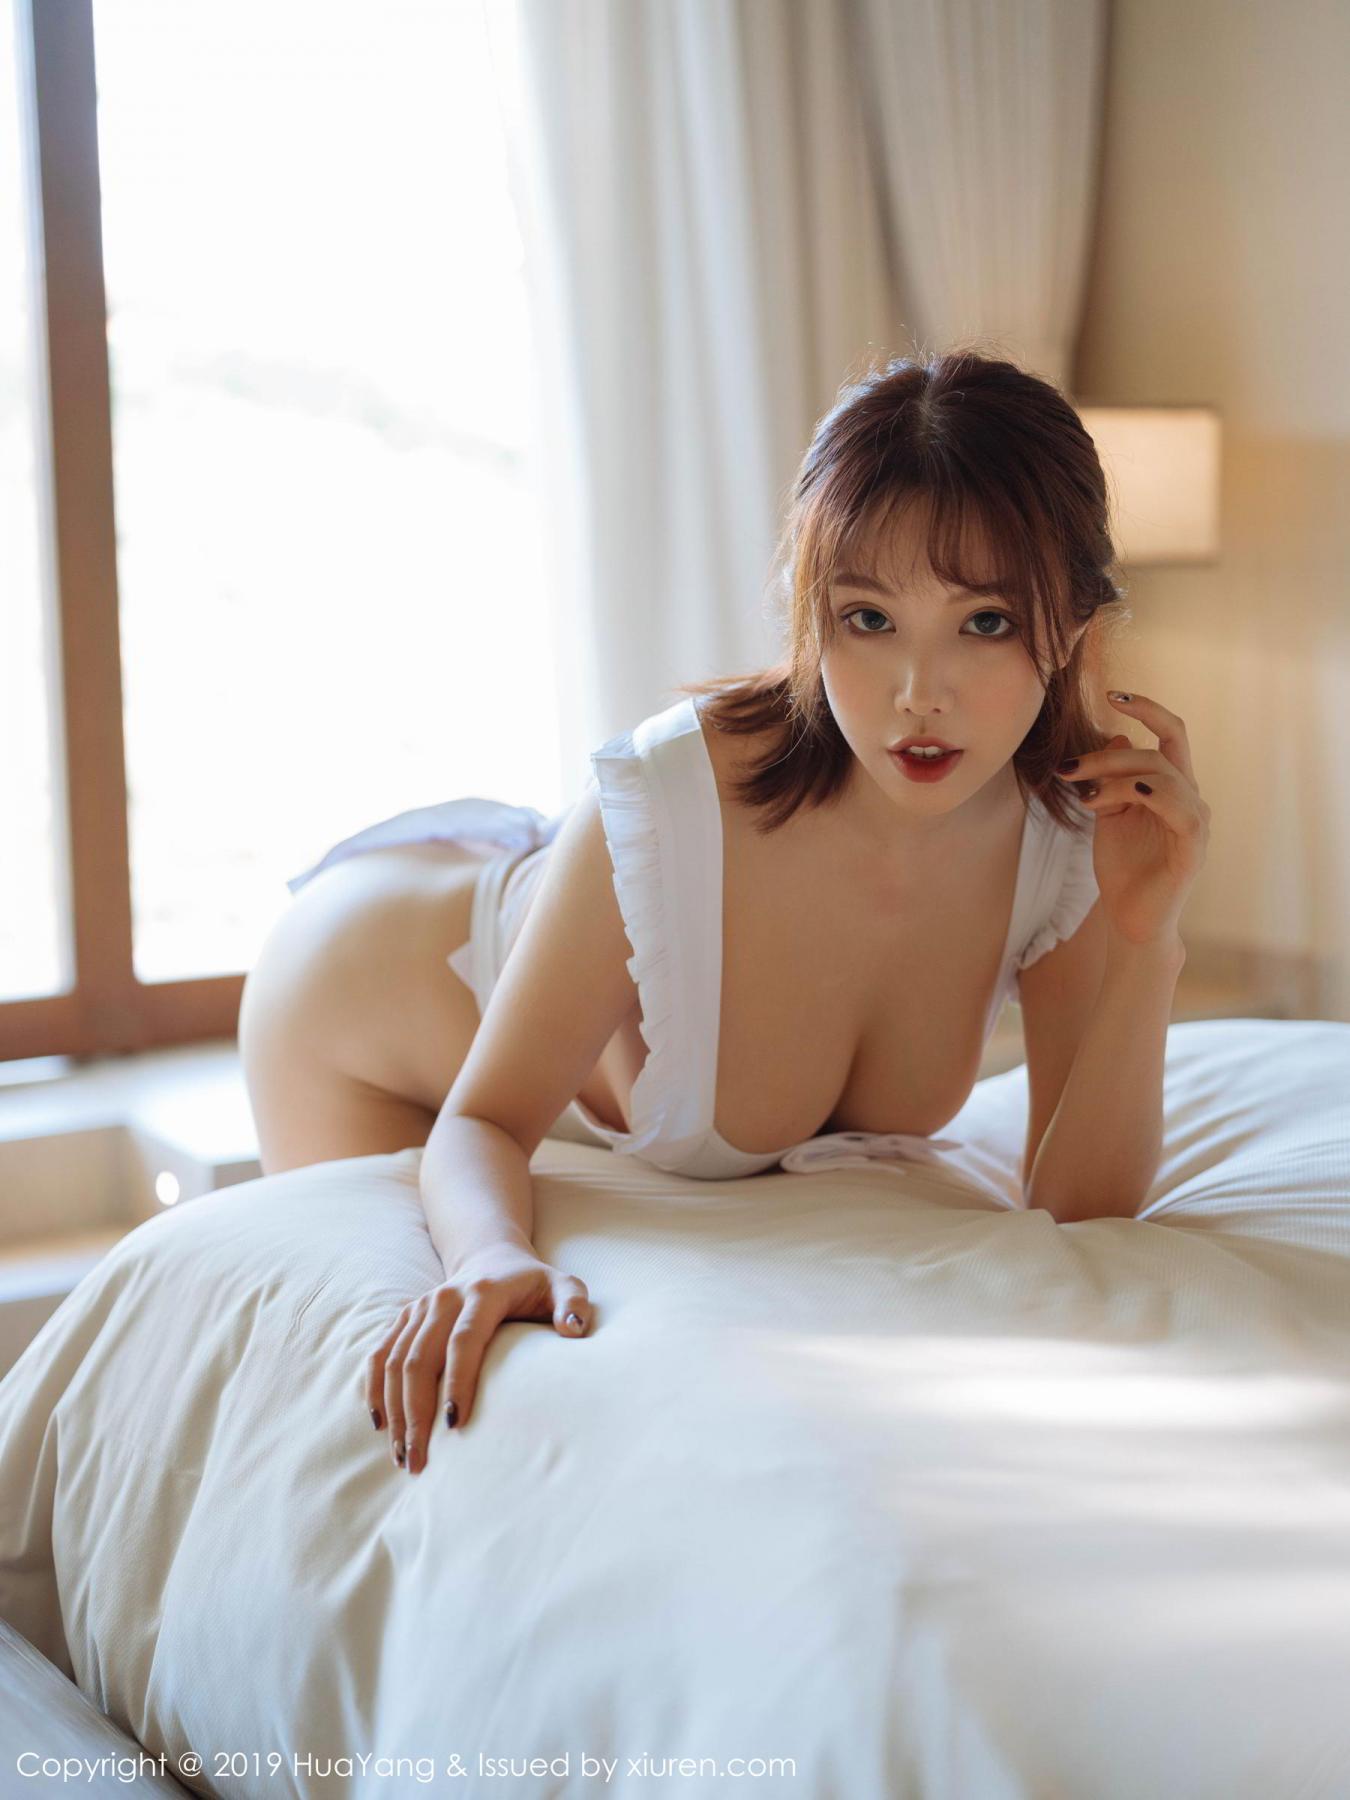 [Huayang] Vol.134 Huang Le Ran 23P, Huang Le Ran, HuaYang, Maid, Sexy